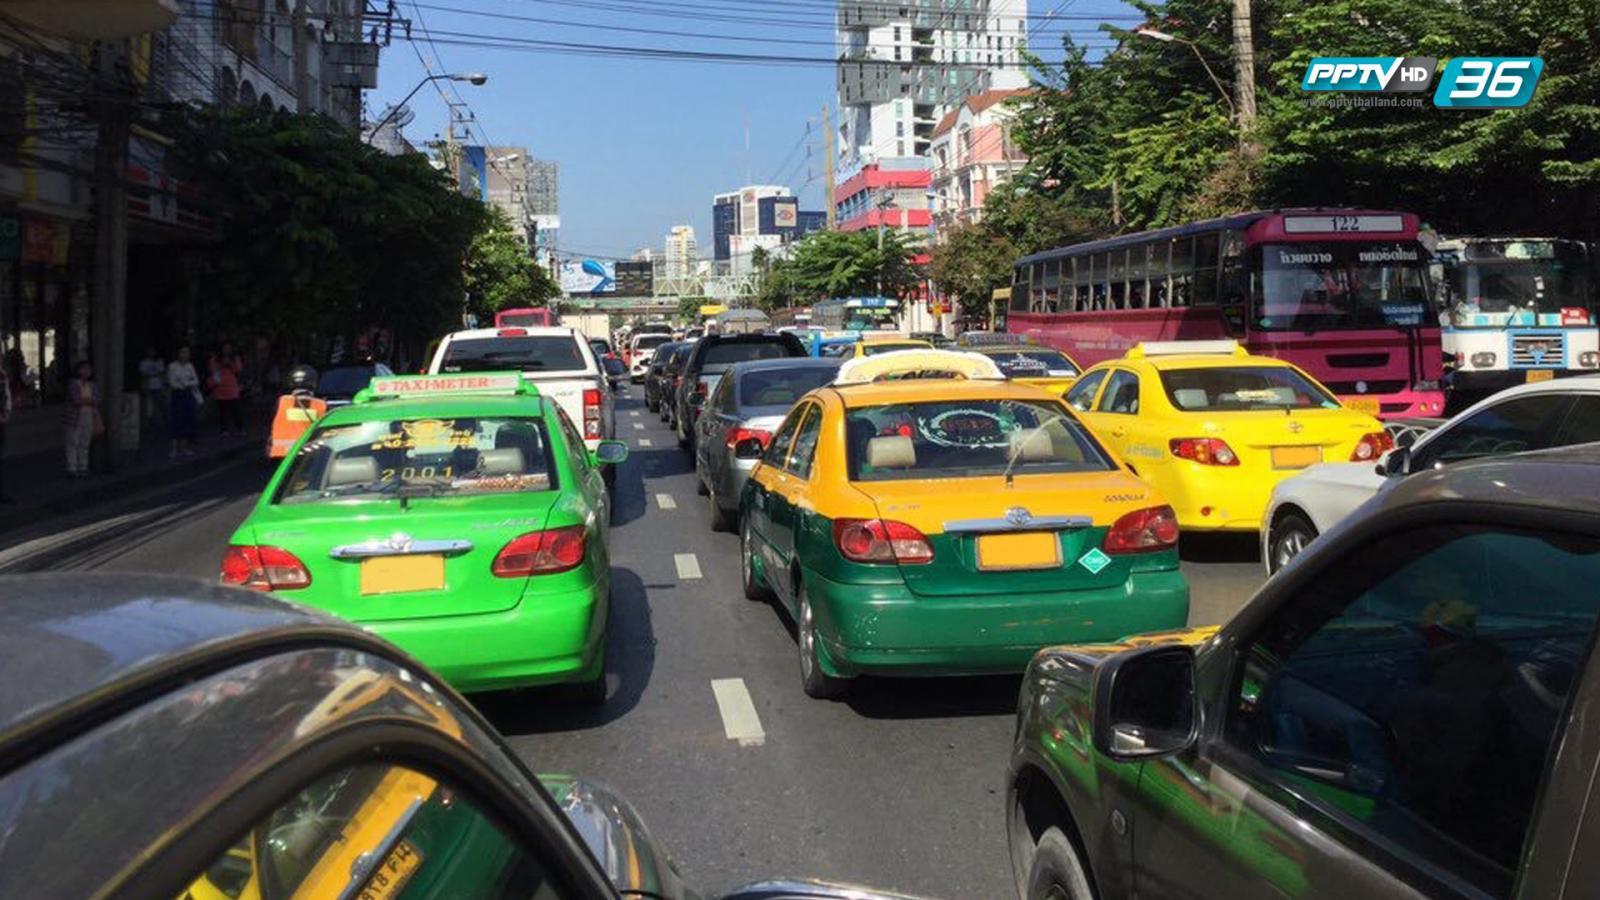 ดีเดย์ 4 ก.พ. ลุยจับแท็กซี่ปฏิเสธผู้โดยสาร